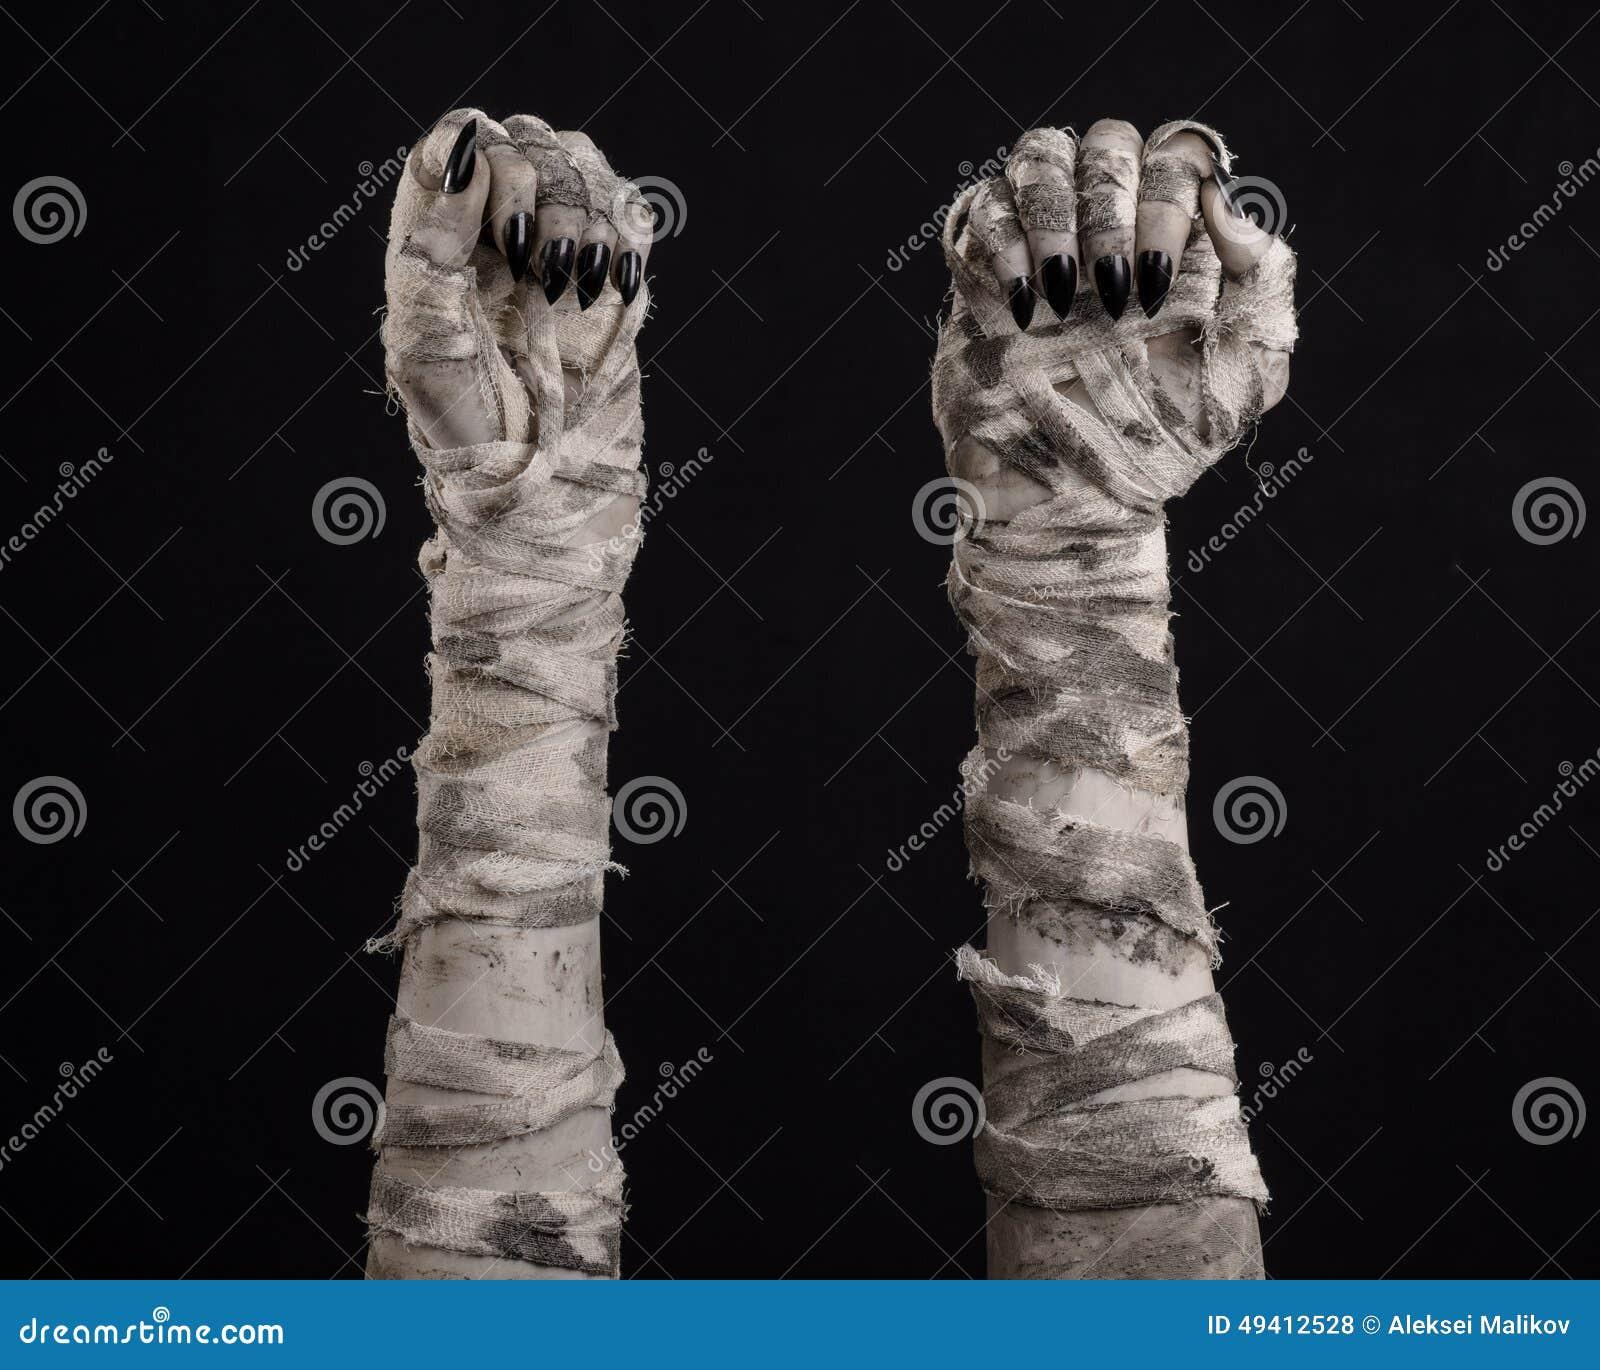 Download Halloween-Thema: Schreckliche Alte Mamahände Auf Einem Schwarzen Hintergrund Stockfoto - Bild von mummified, creepy: 49412528